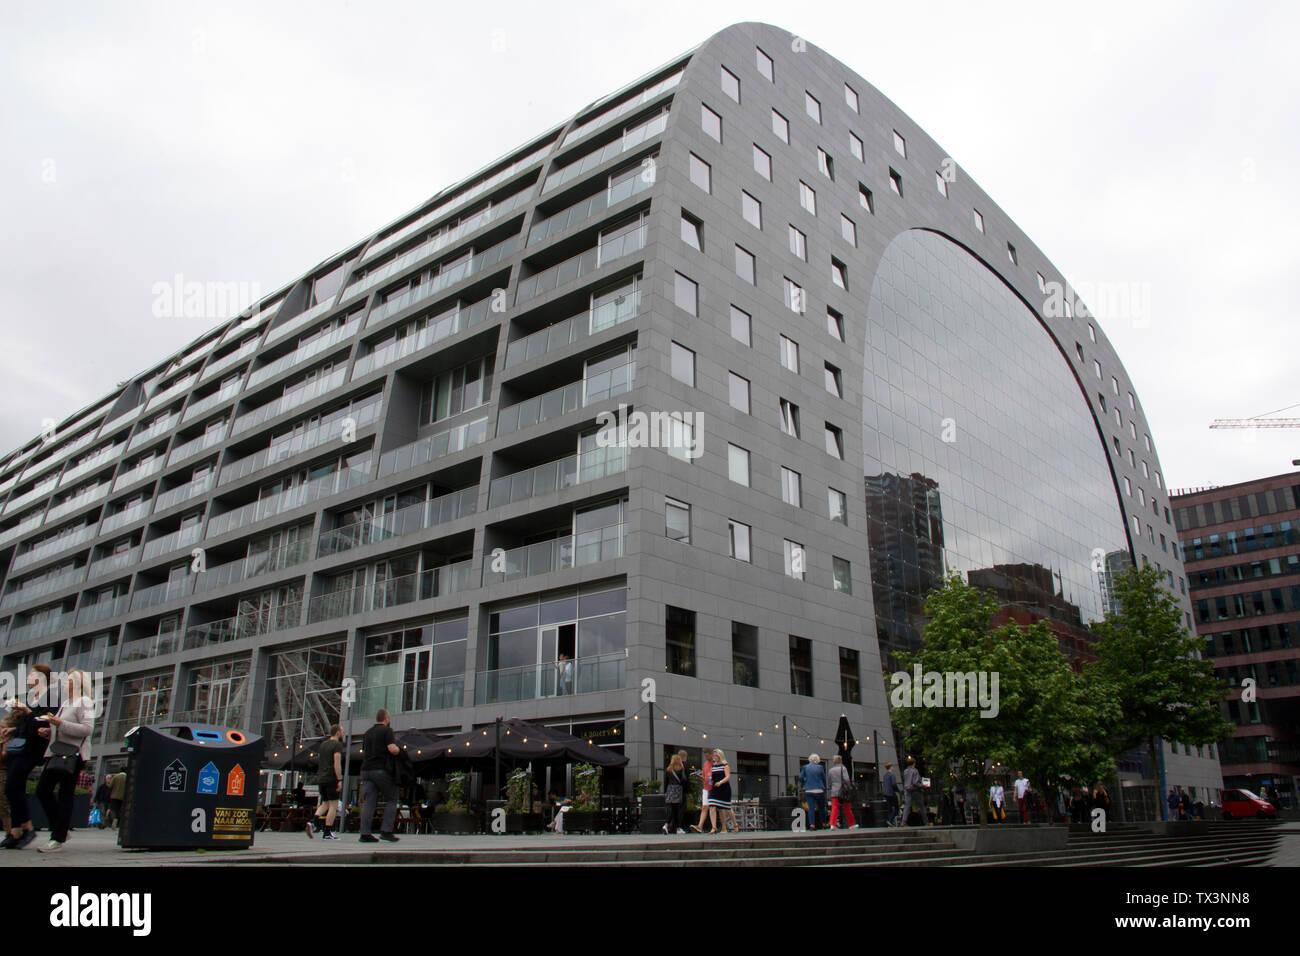 Die Halle - Markthal - ein Wohn- und Geschäftshaus mit einer Halle unter, Binnenrotte, Rotterdam, Niederlande Stockbild